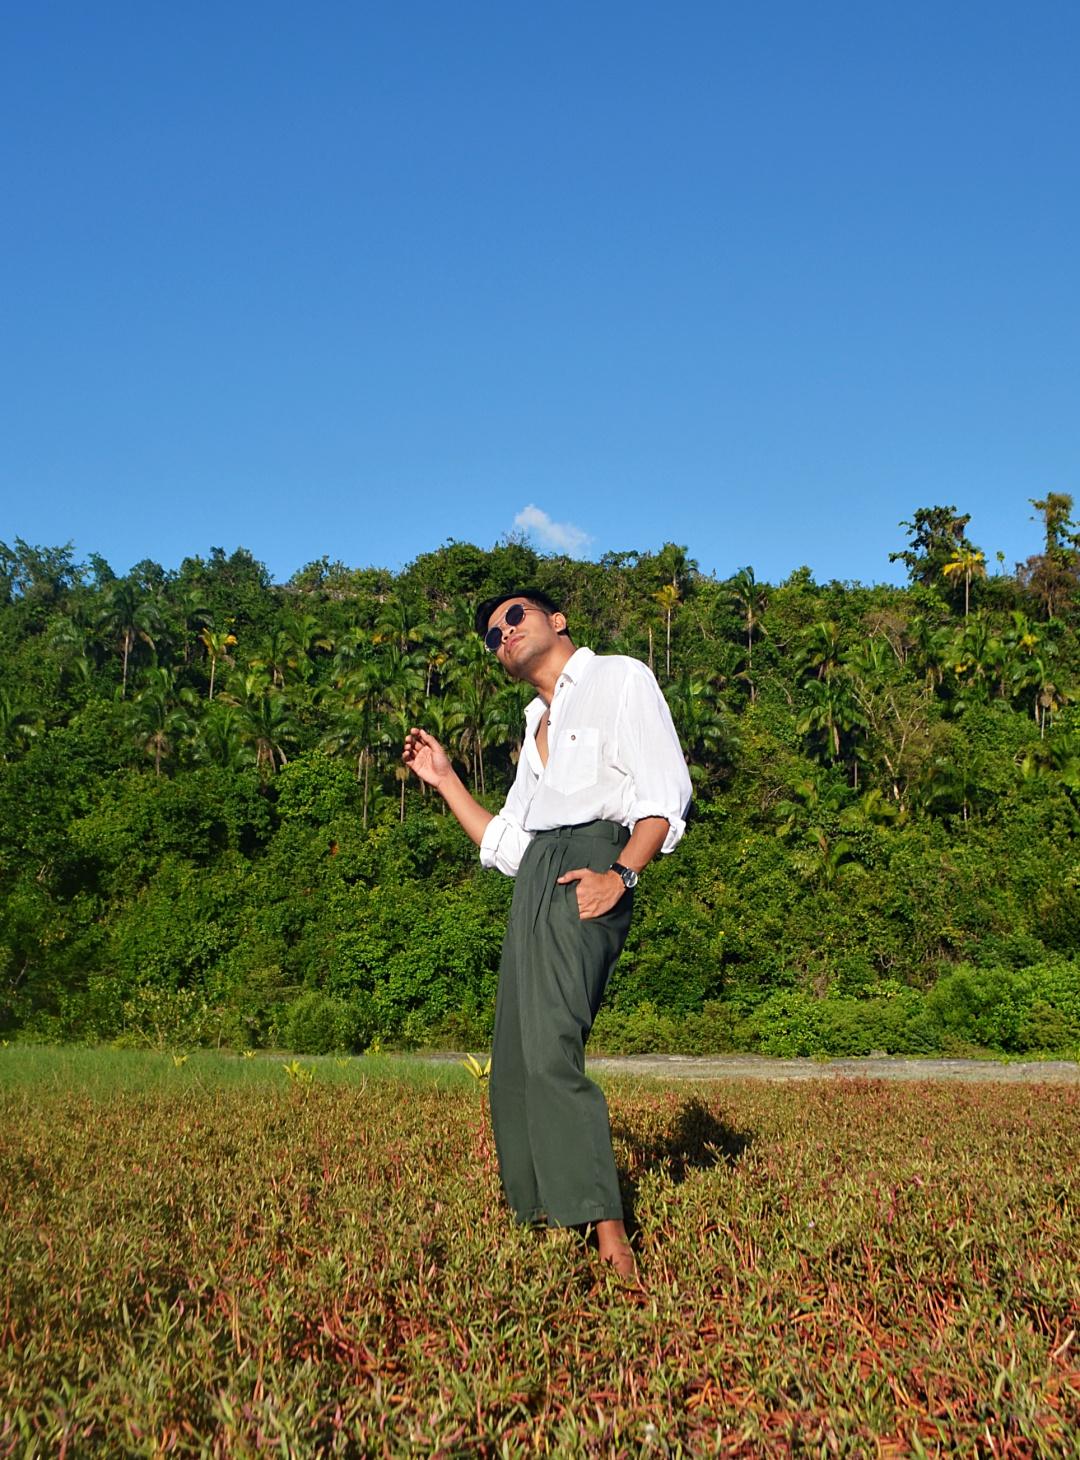 blogger-cebu-fashion-almostablogger-coral-garden.jpg